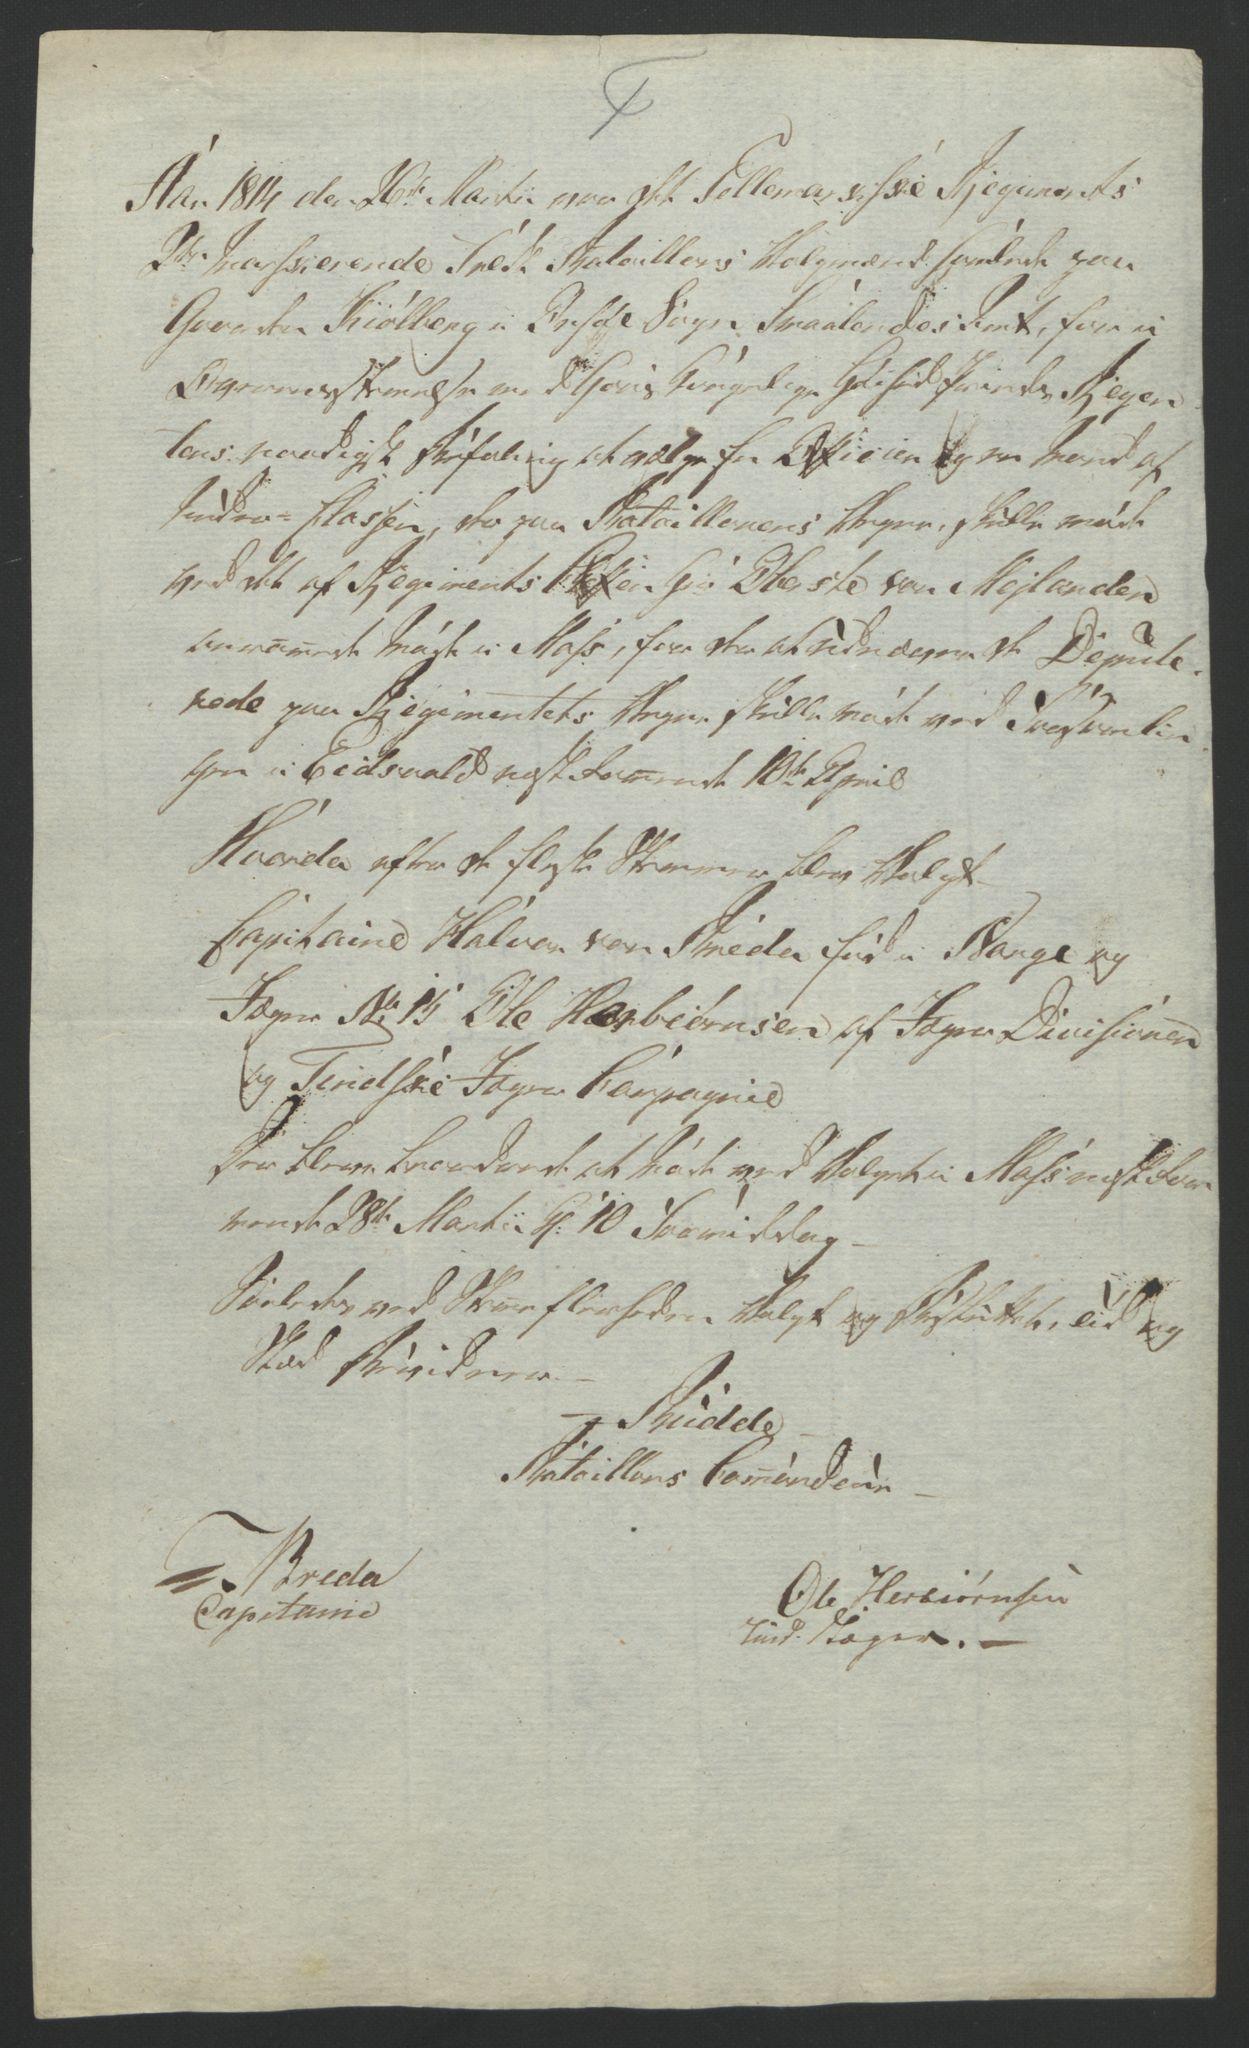 RA, Statsrådssekretariatet, D/Db/L0007: Fullmakter for Eidsvollsrepresentantene i 1814. , 1814, s. 110